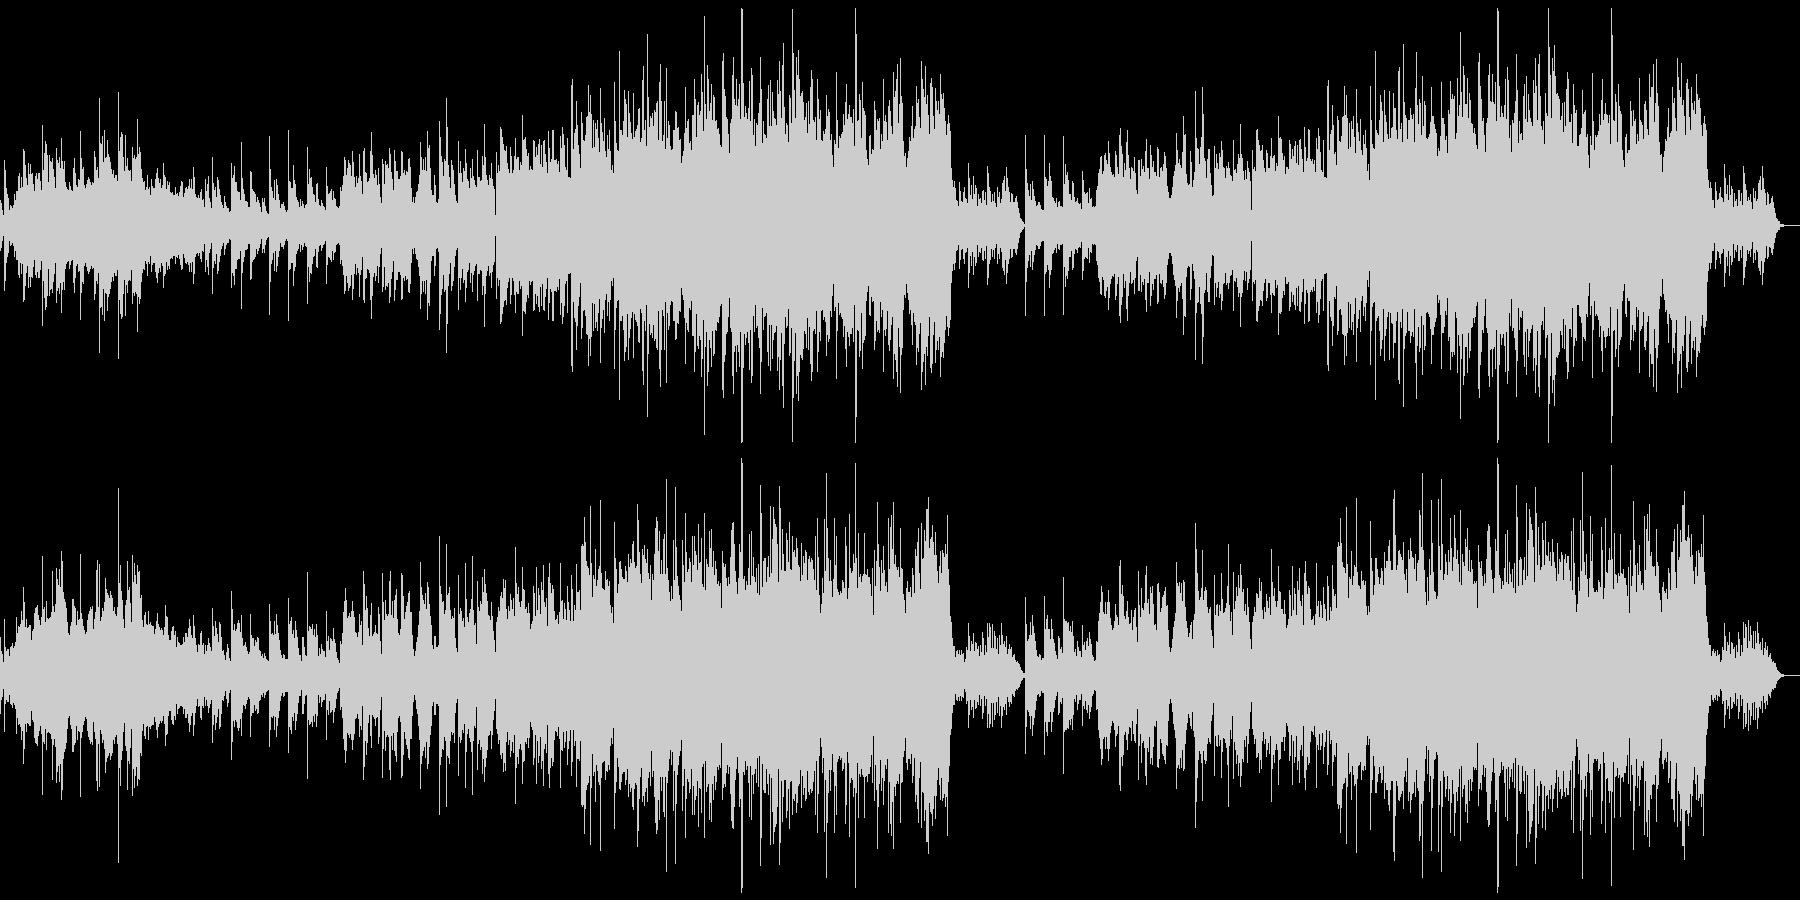 エンディング向けなピアノオーケストラの未再生の波形